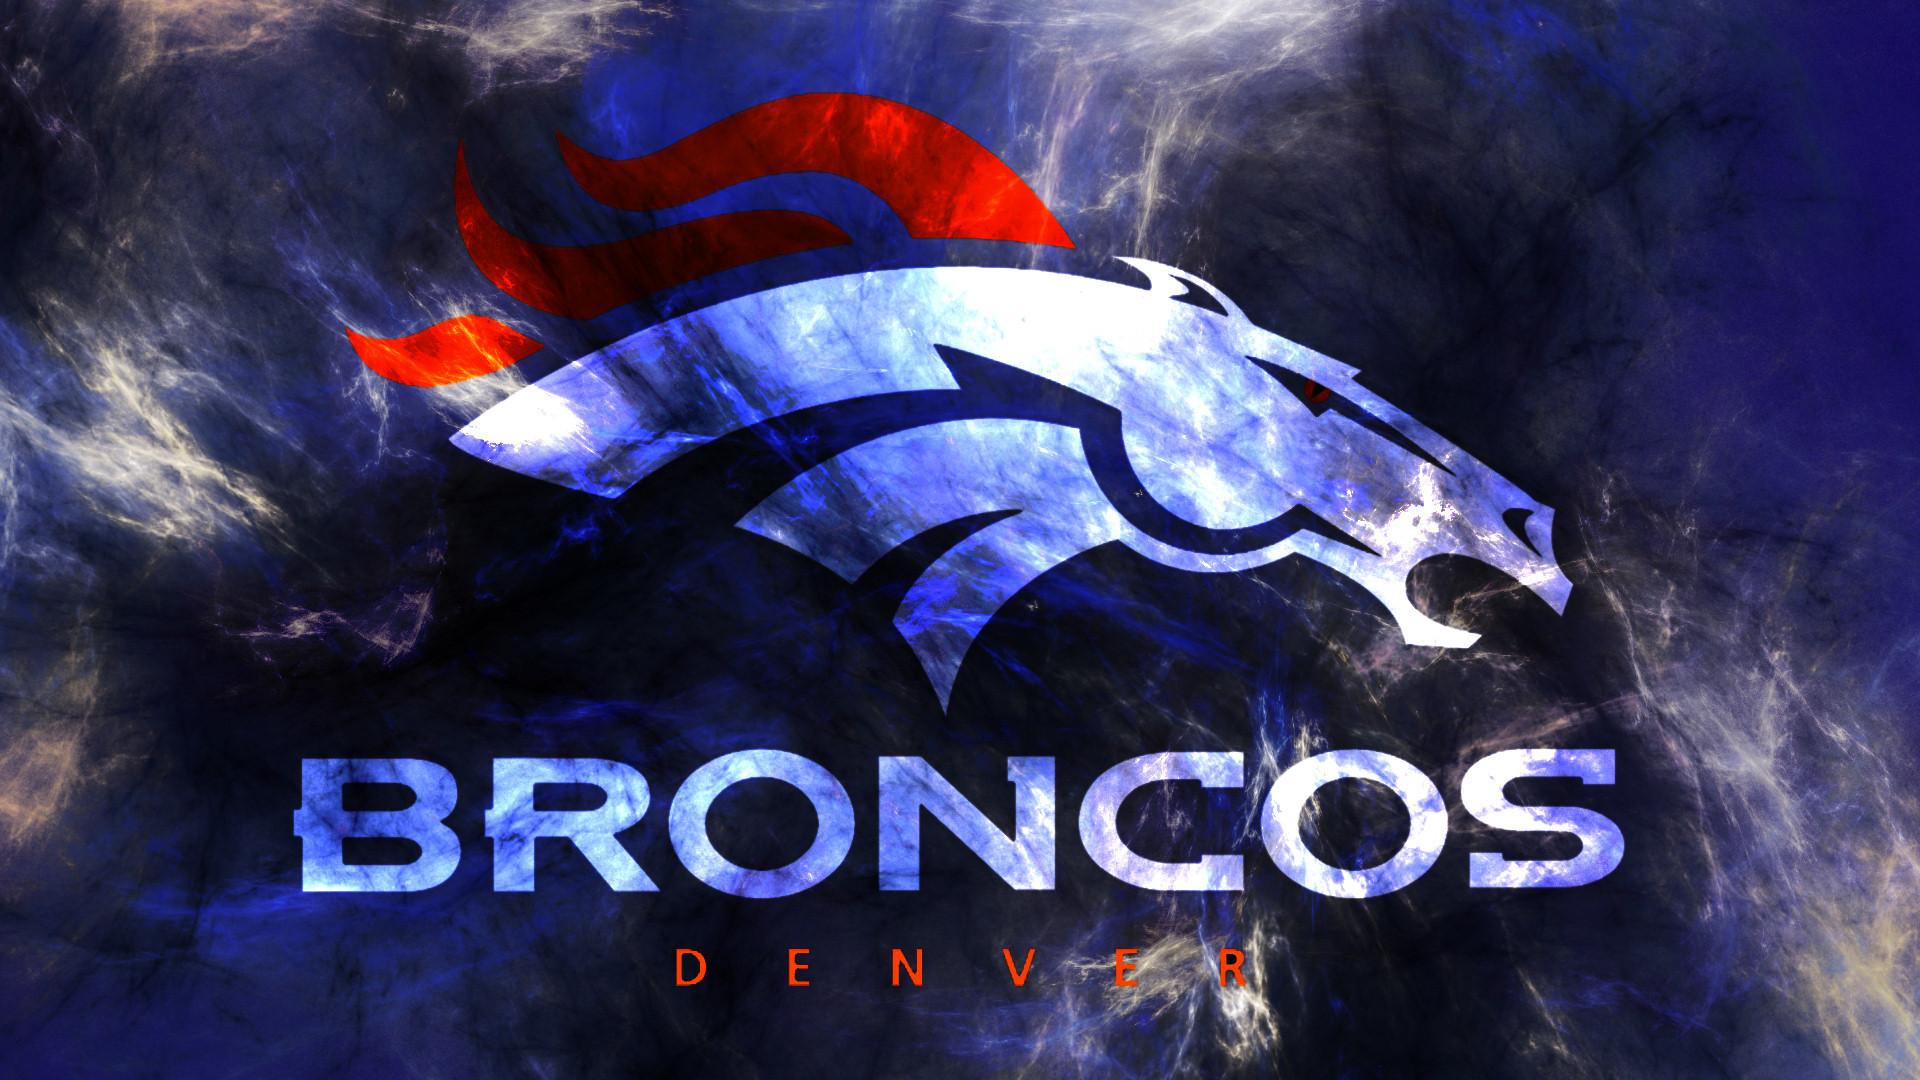 60 Denver Broncos Wallpaper Screensavers